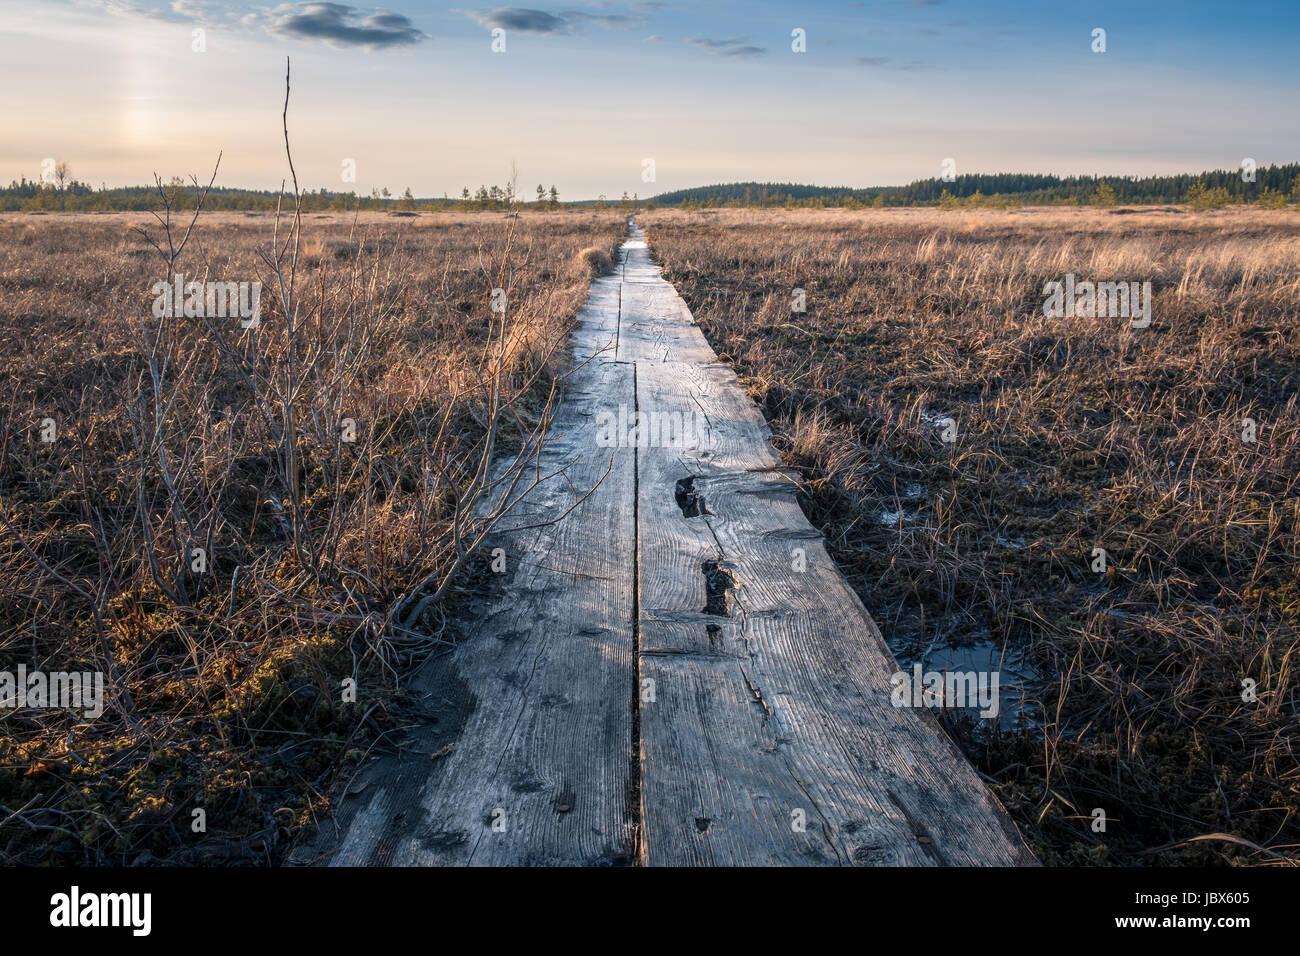 Paisaje con puesta de sol al atardecer en el pantano de Finlandia Imagen De Stock